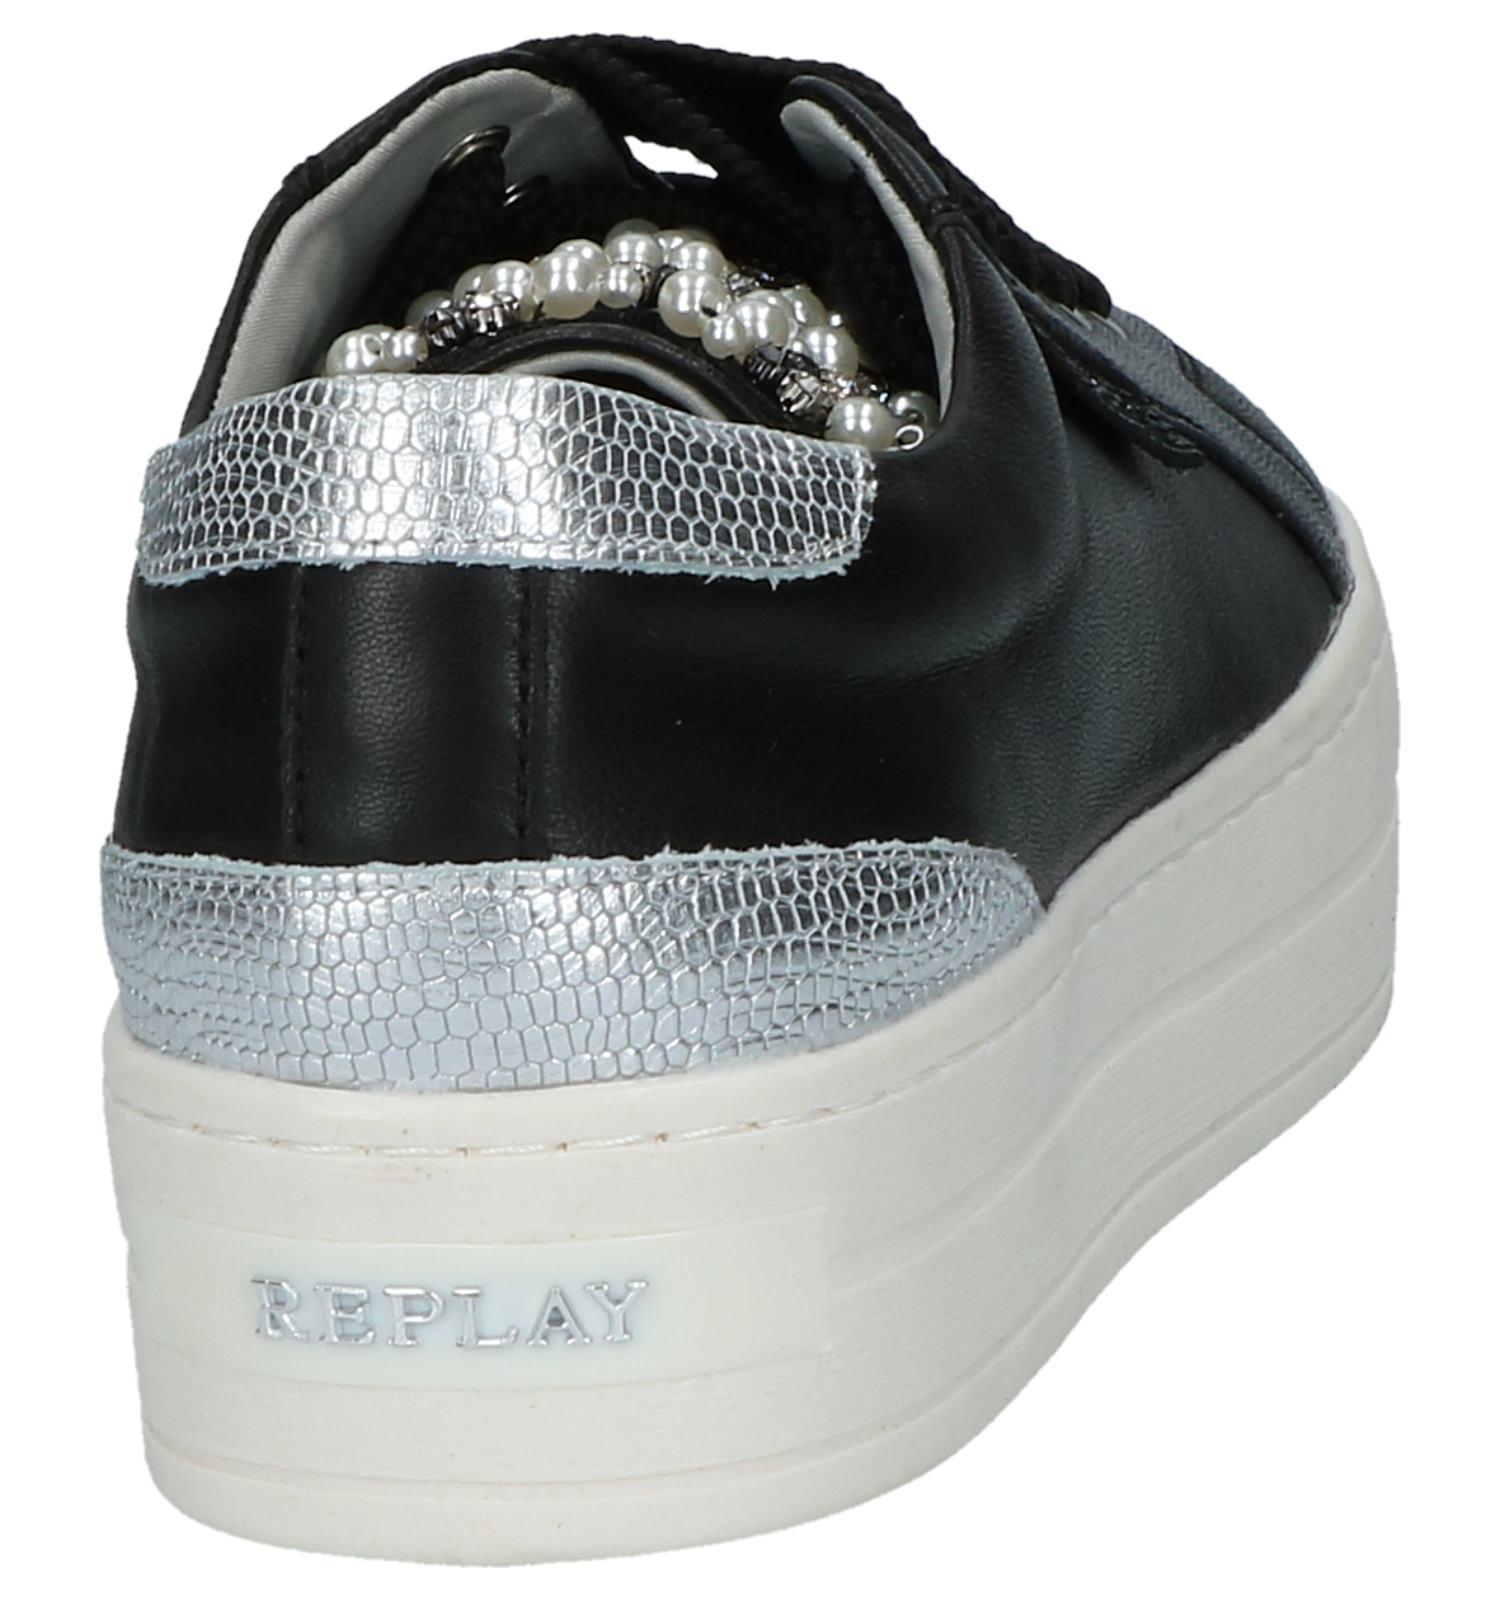 Zwarte Dikke Replay Gratis be Verzend Torfs Sneakers Met Zolen qZrq1x